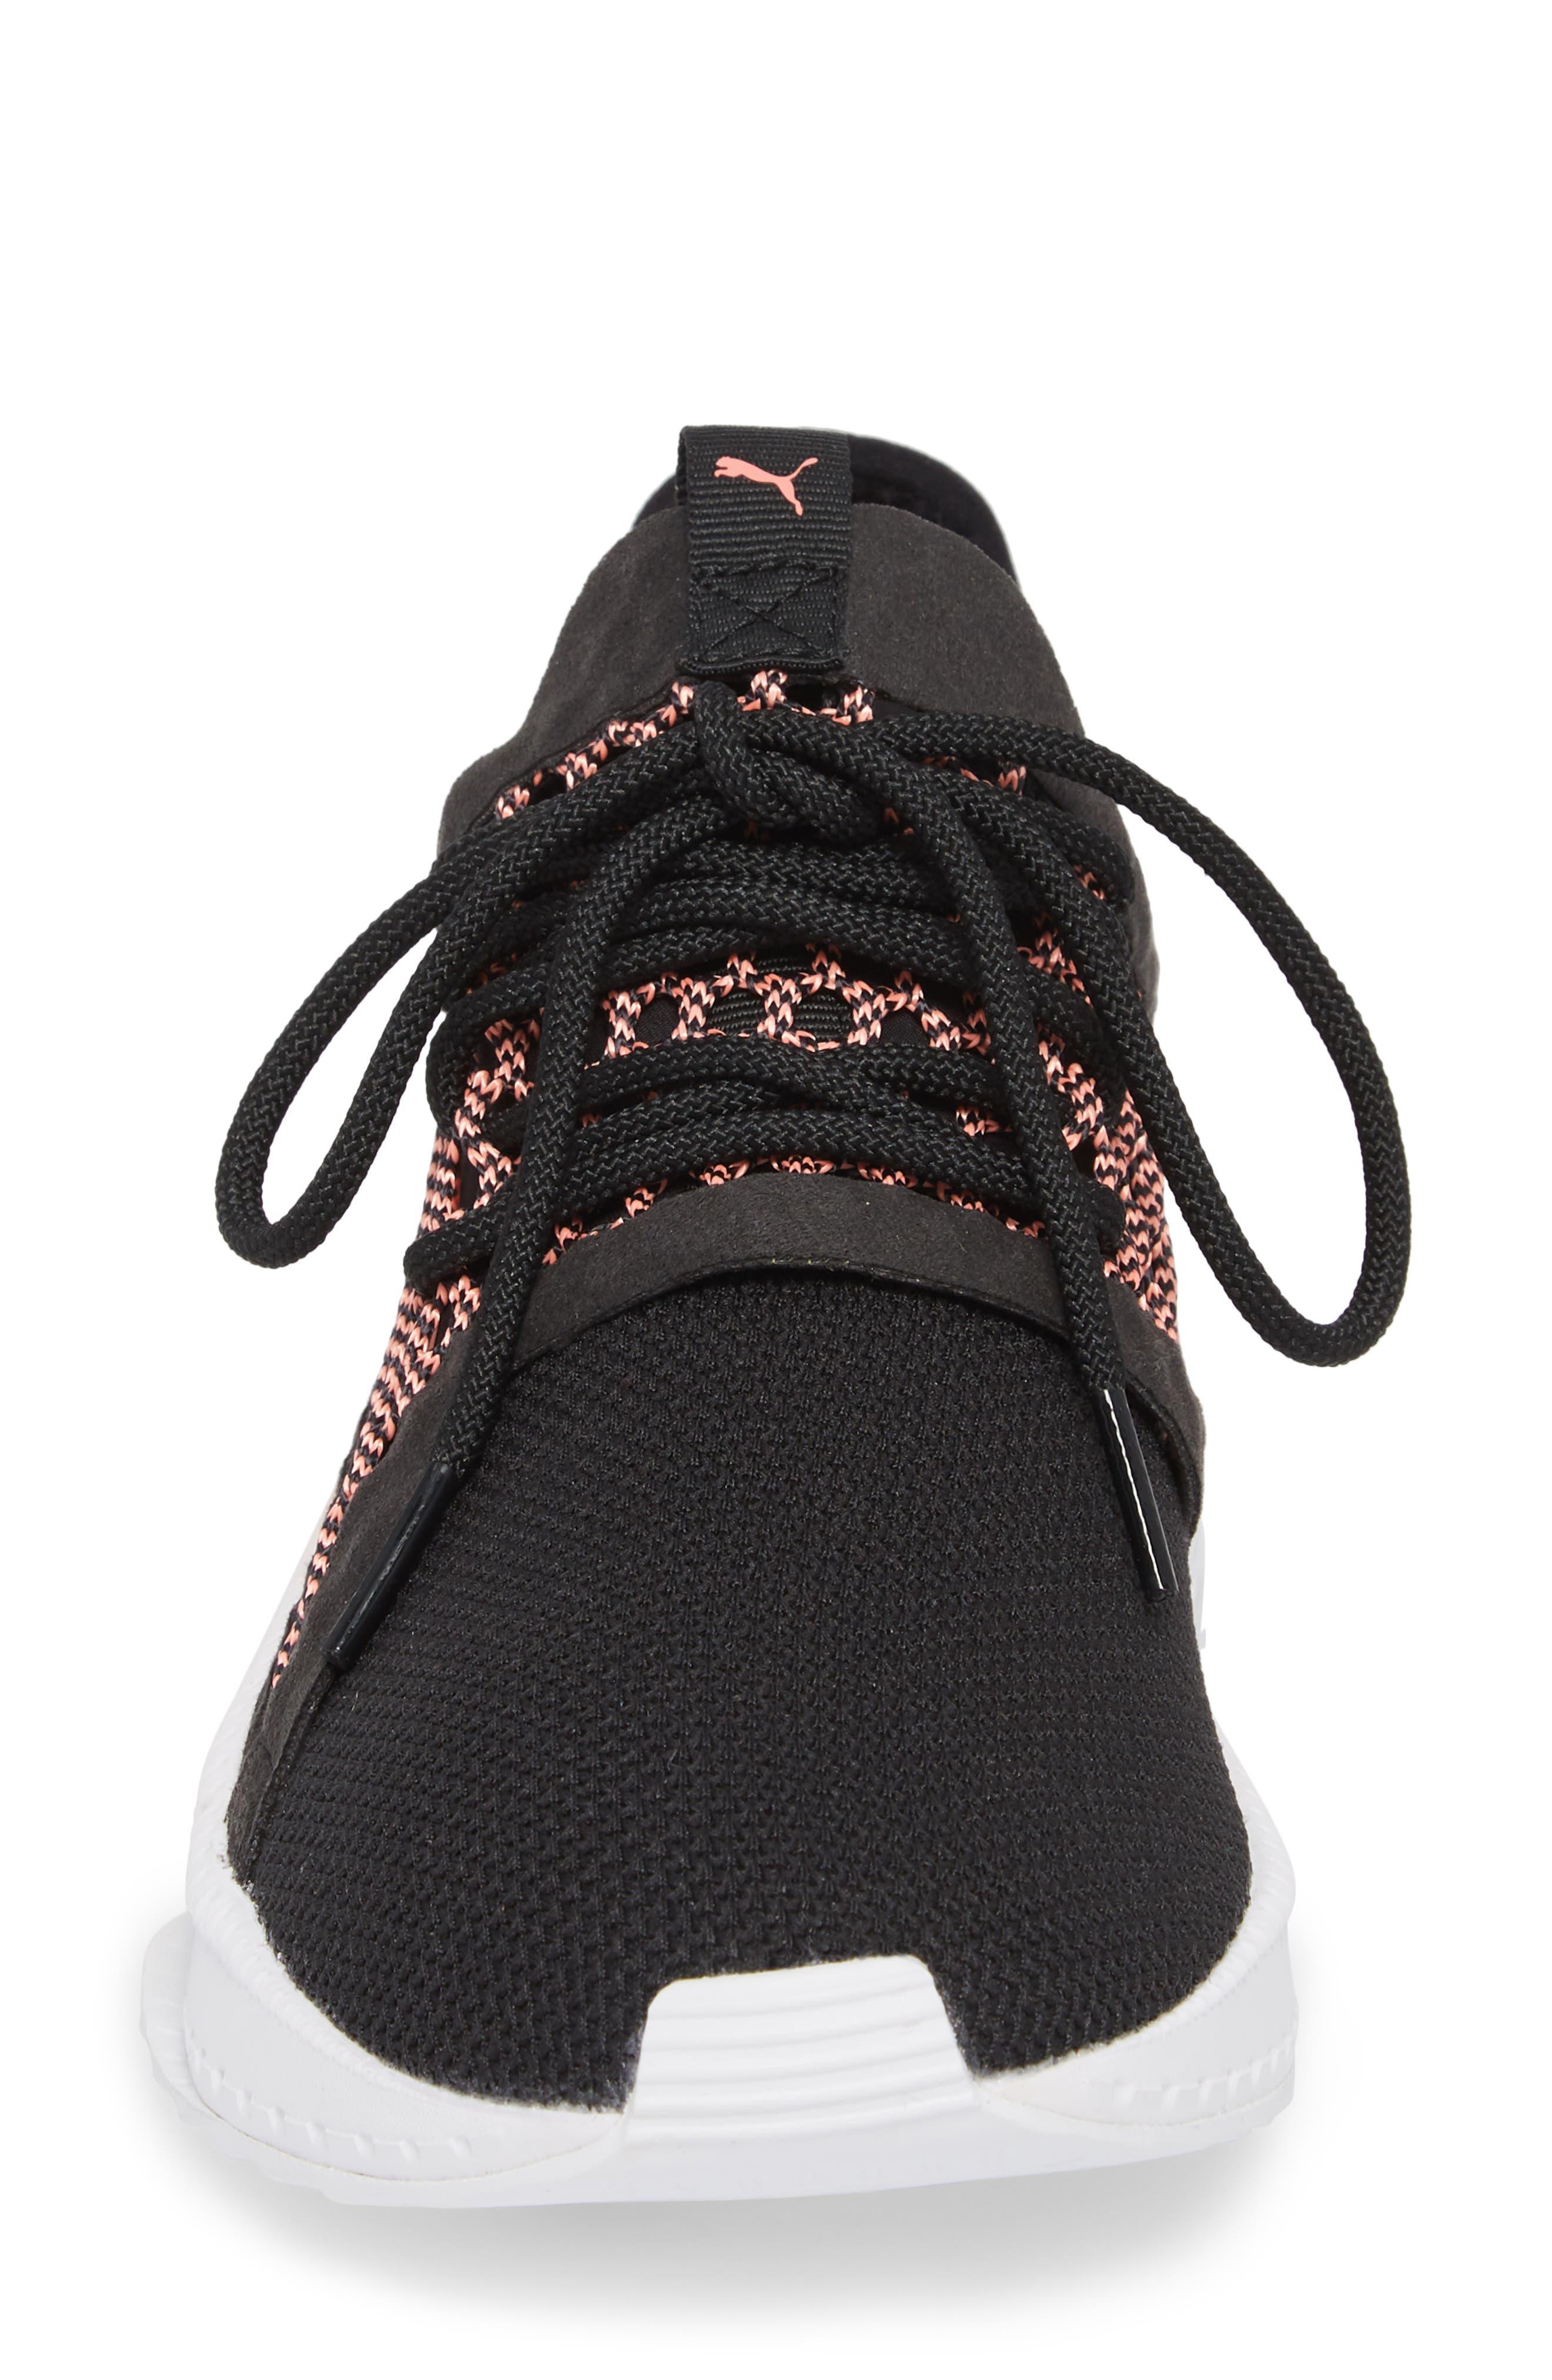 Tsugi Netfit evoKNIT Training Shoe,                             Alternate thumbnail 4, color,                             Black/ Shell Pink/ White